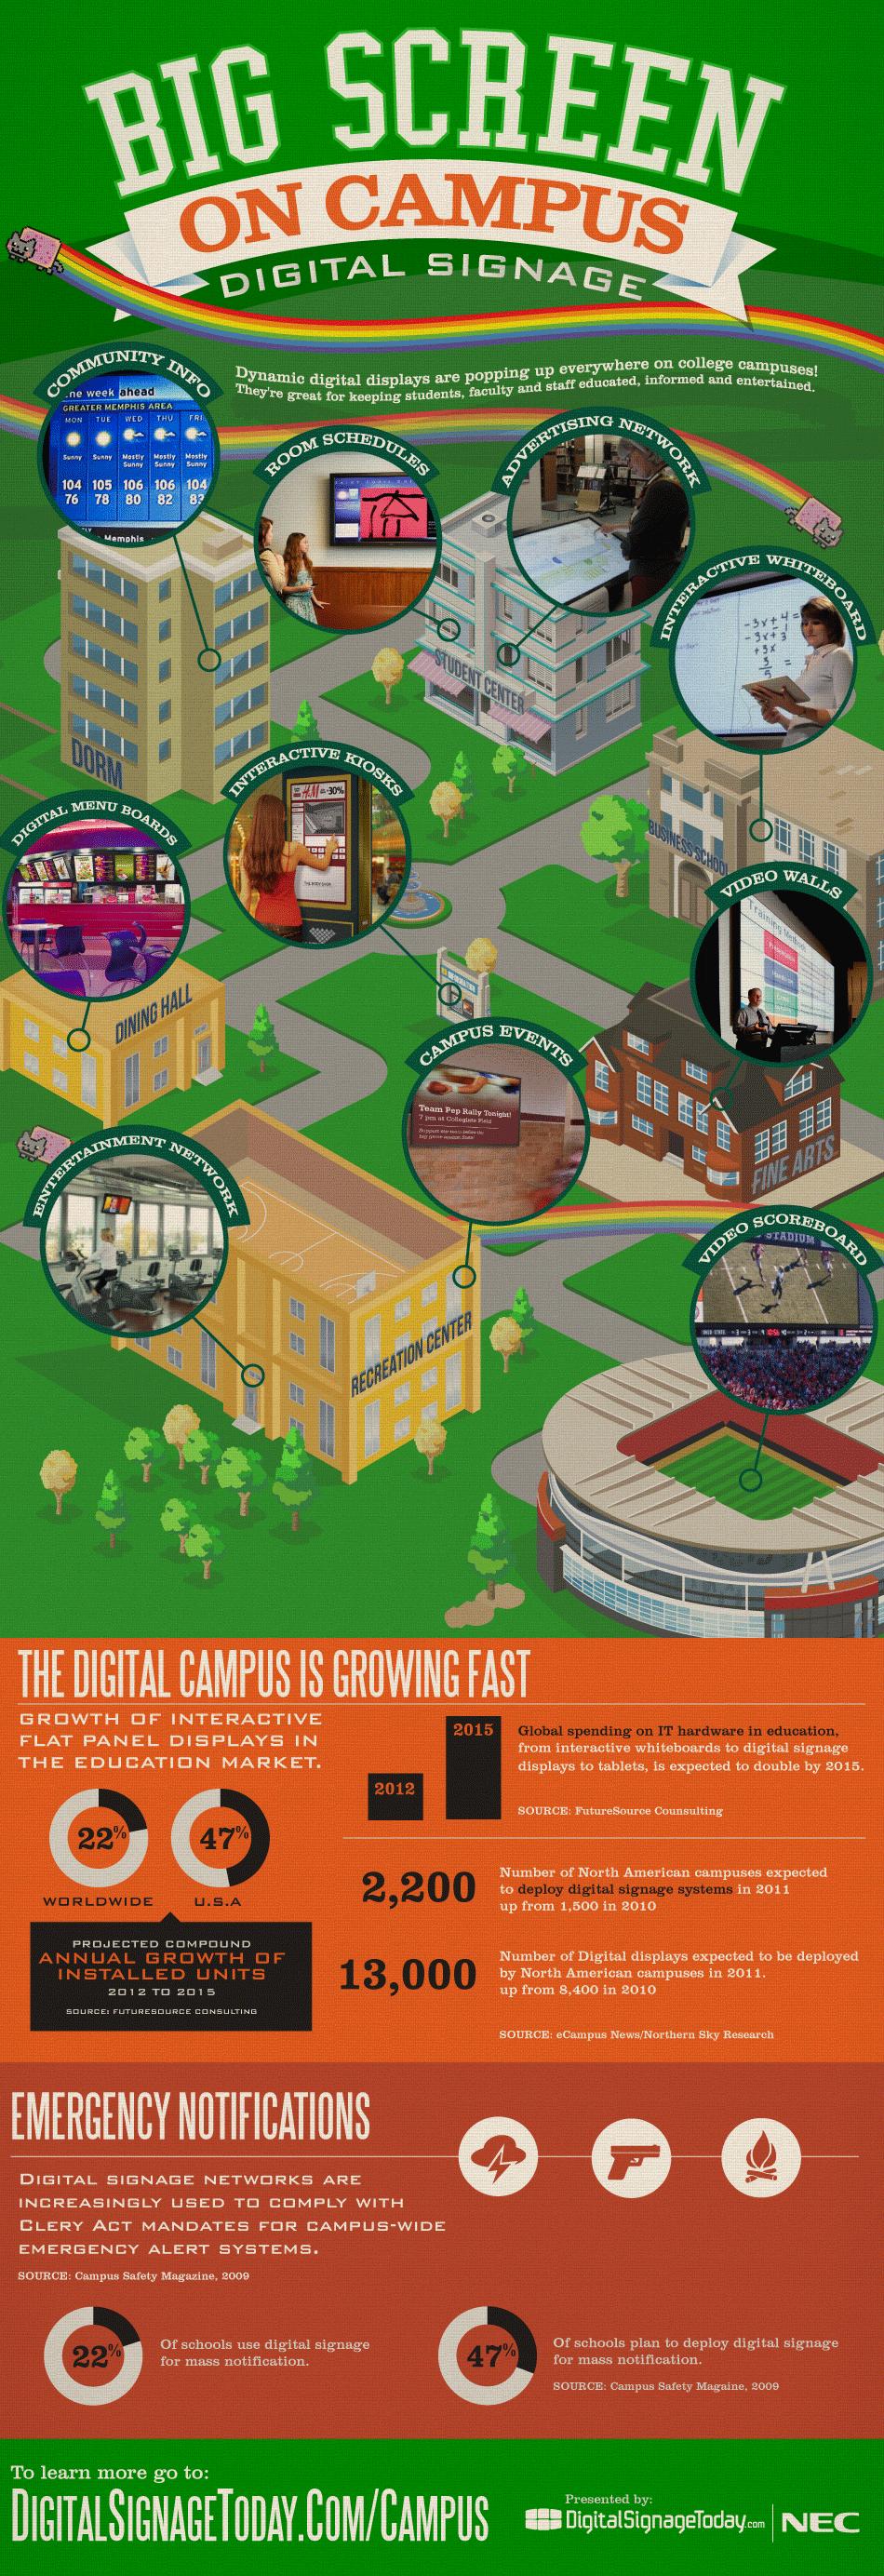 Digital Signage: Big Screen on Campus